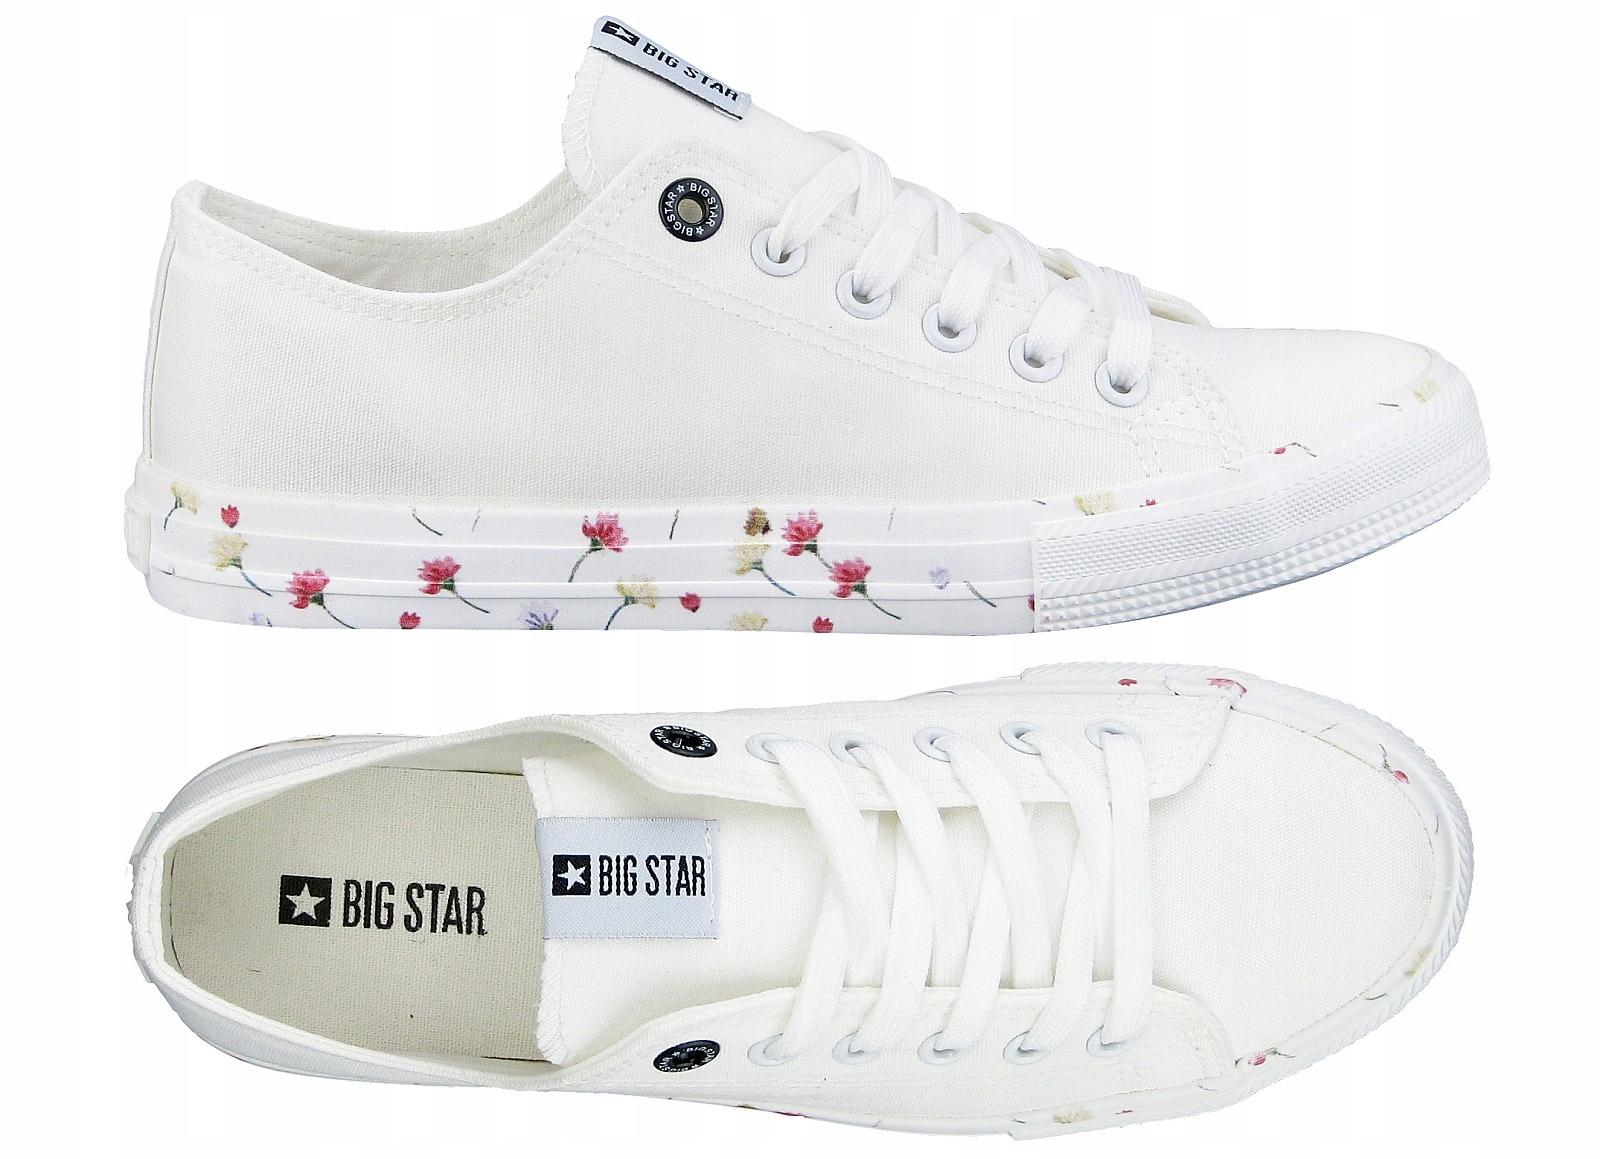 BIG STAR TRAMPKI tenisówki DD274708 białe 38